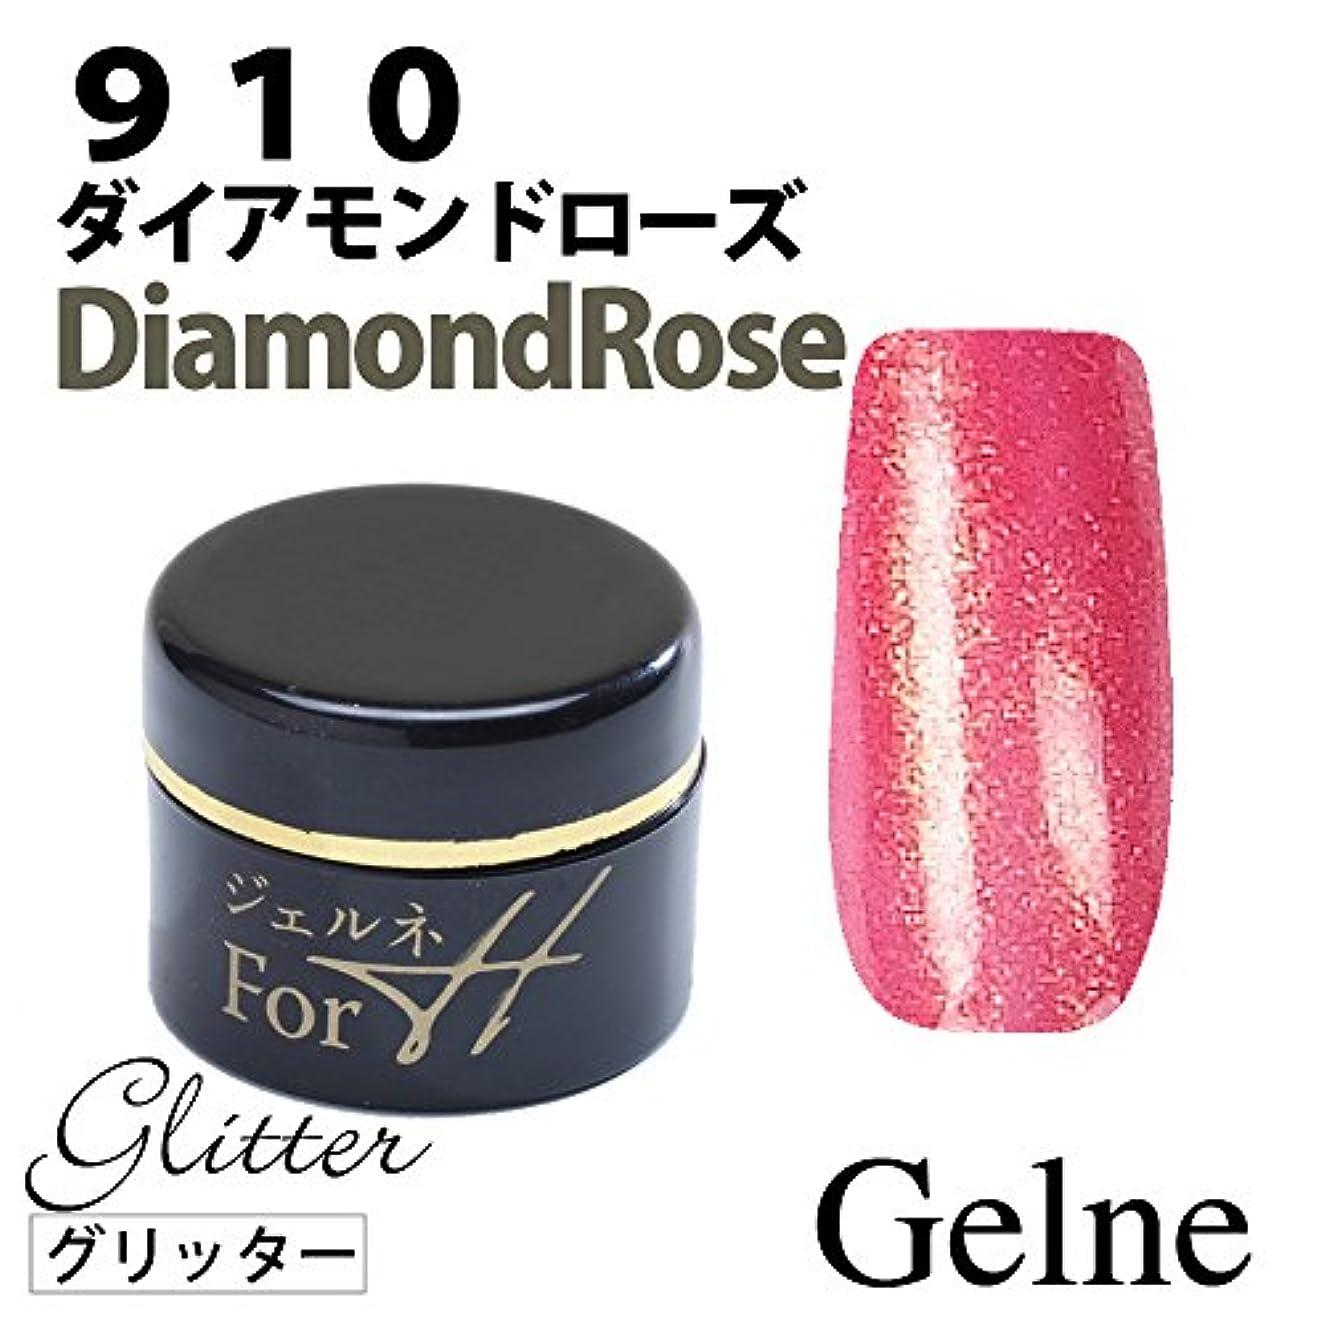 軸奨励します糞Gelneオリジナル ダイヤモンドローズ カラージェル 5g LED/UV対応 ソークオフジェル